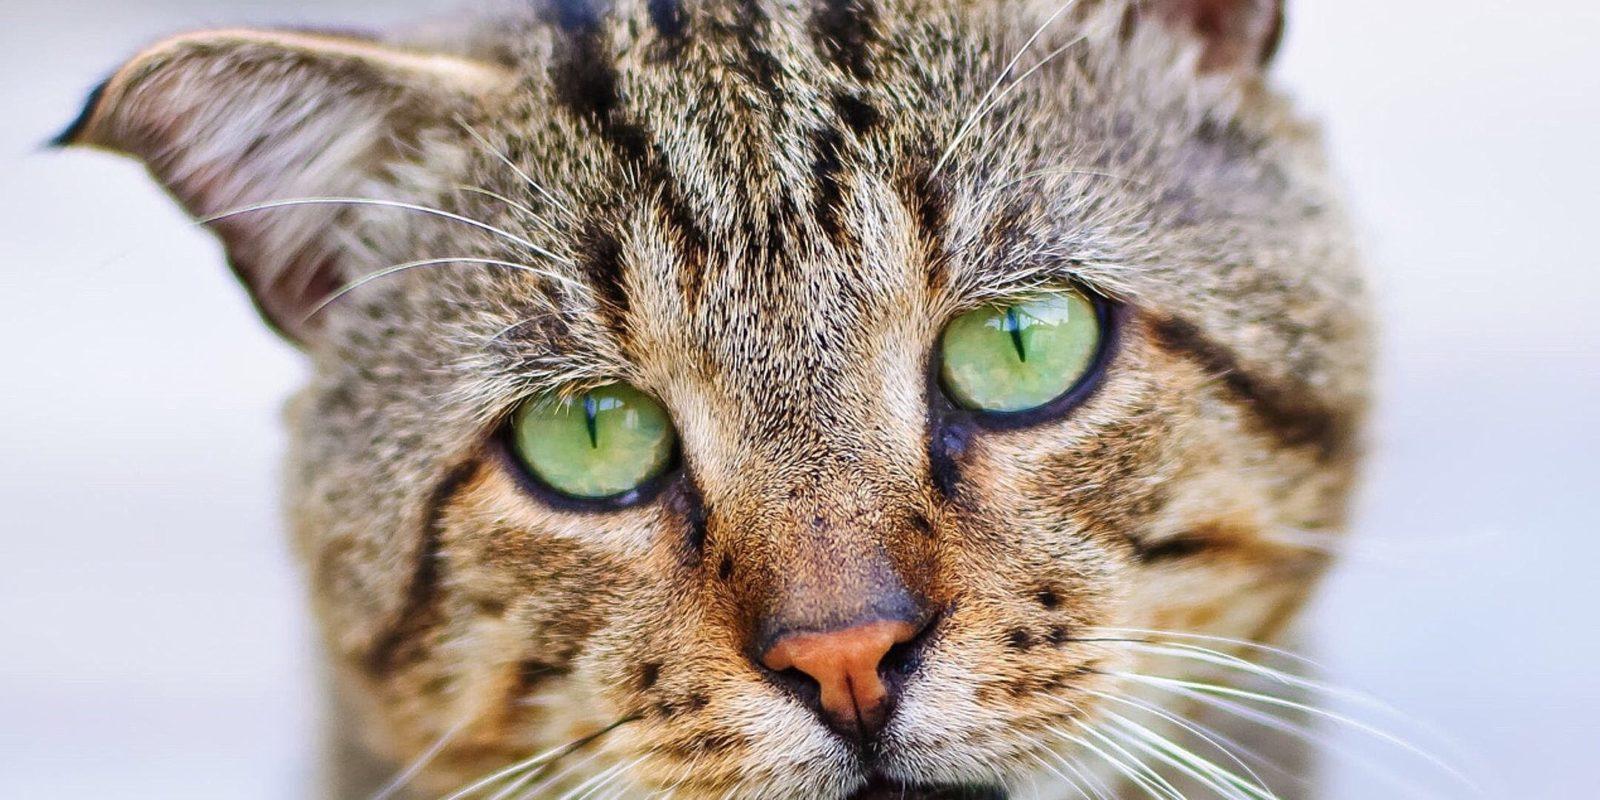 Katze schaut in Kamera